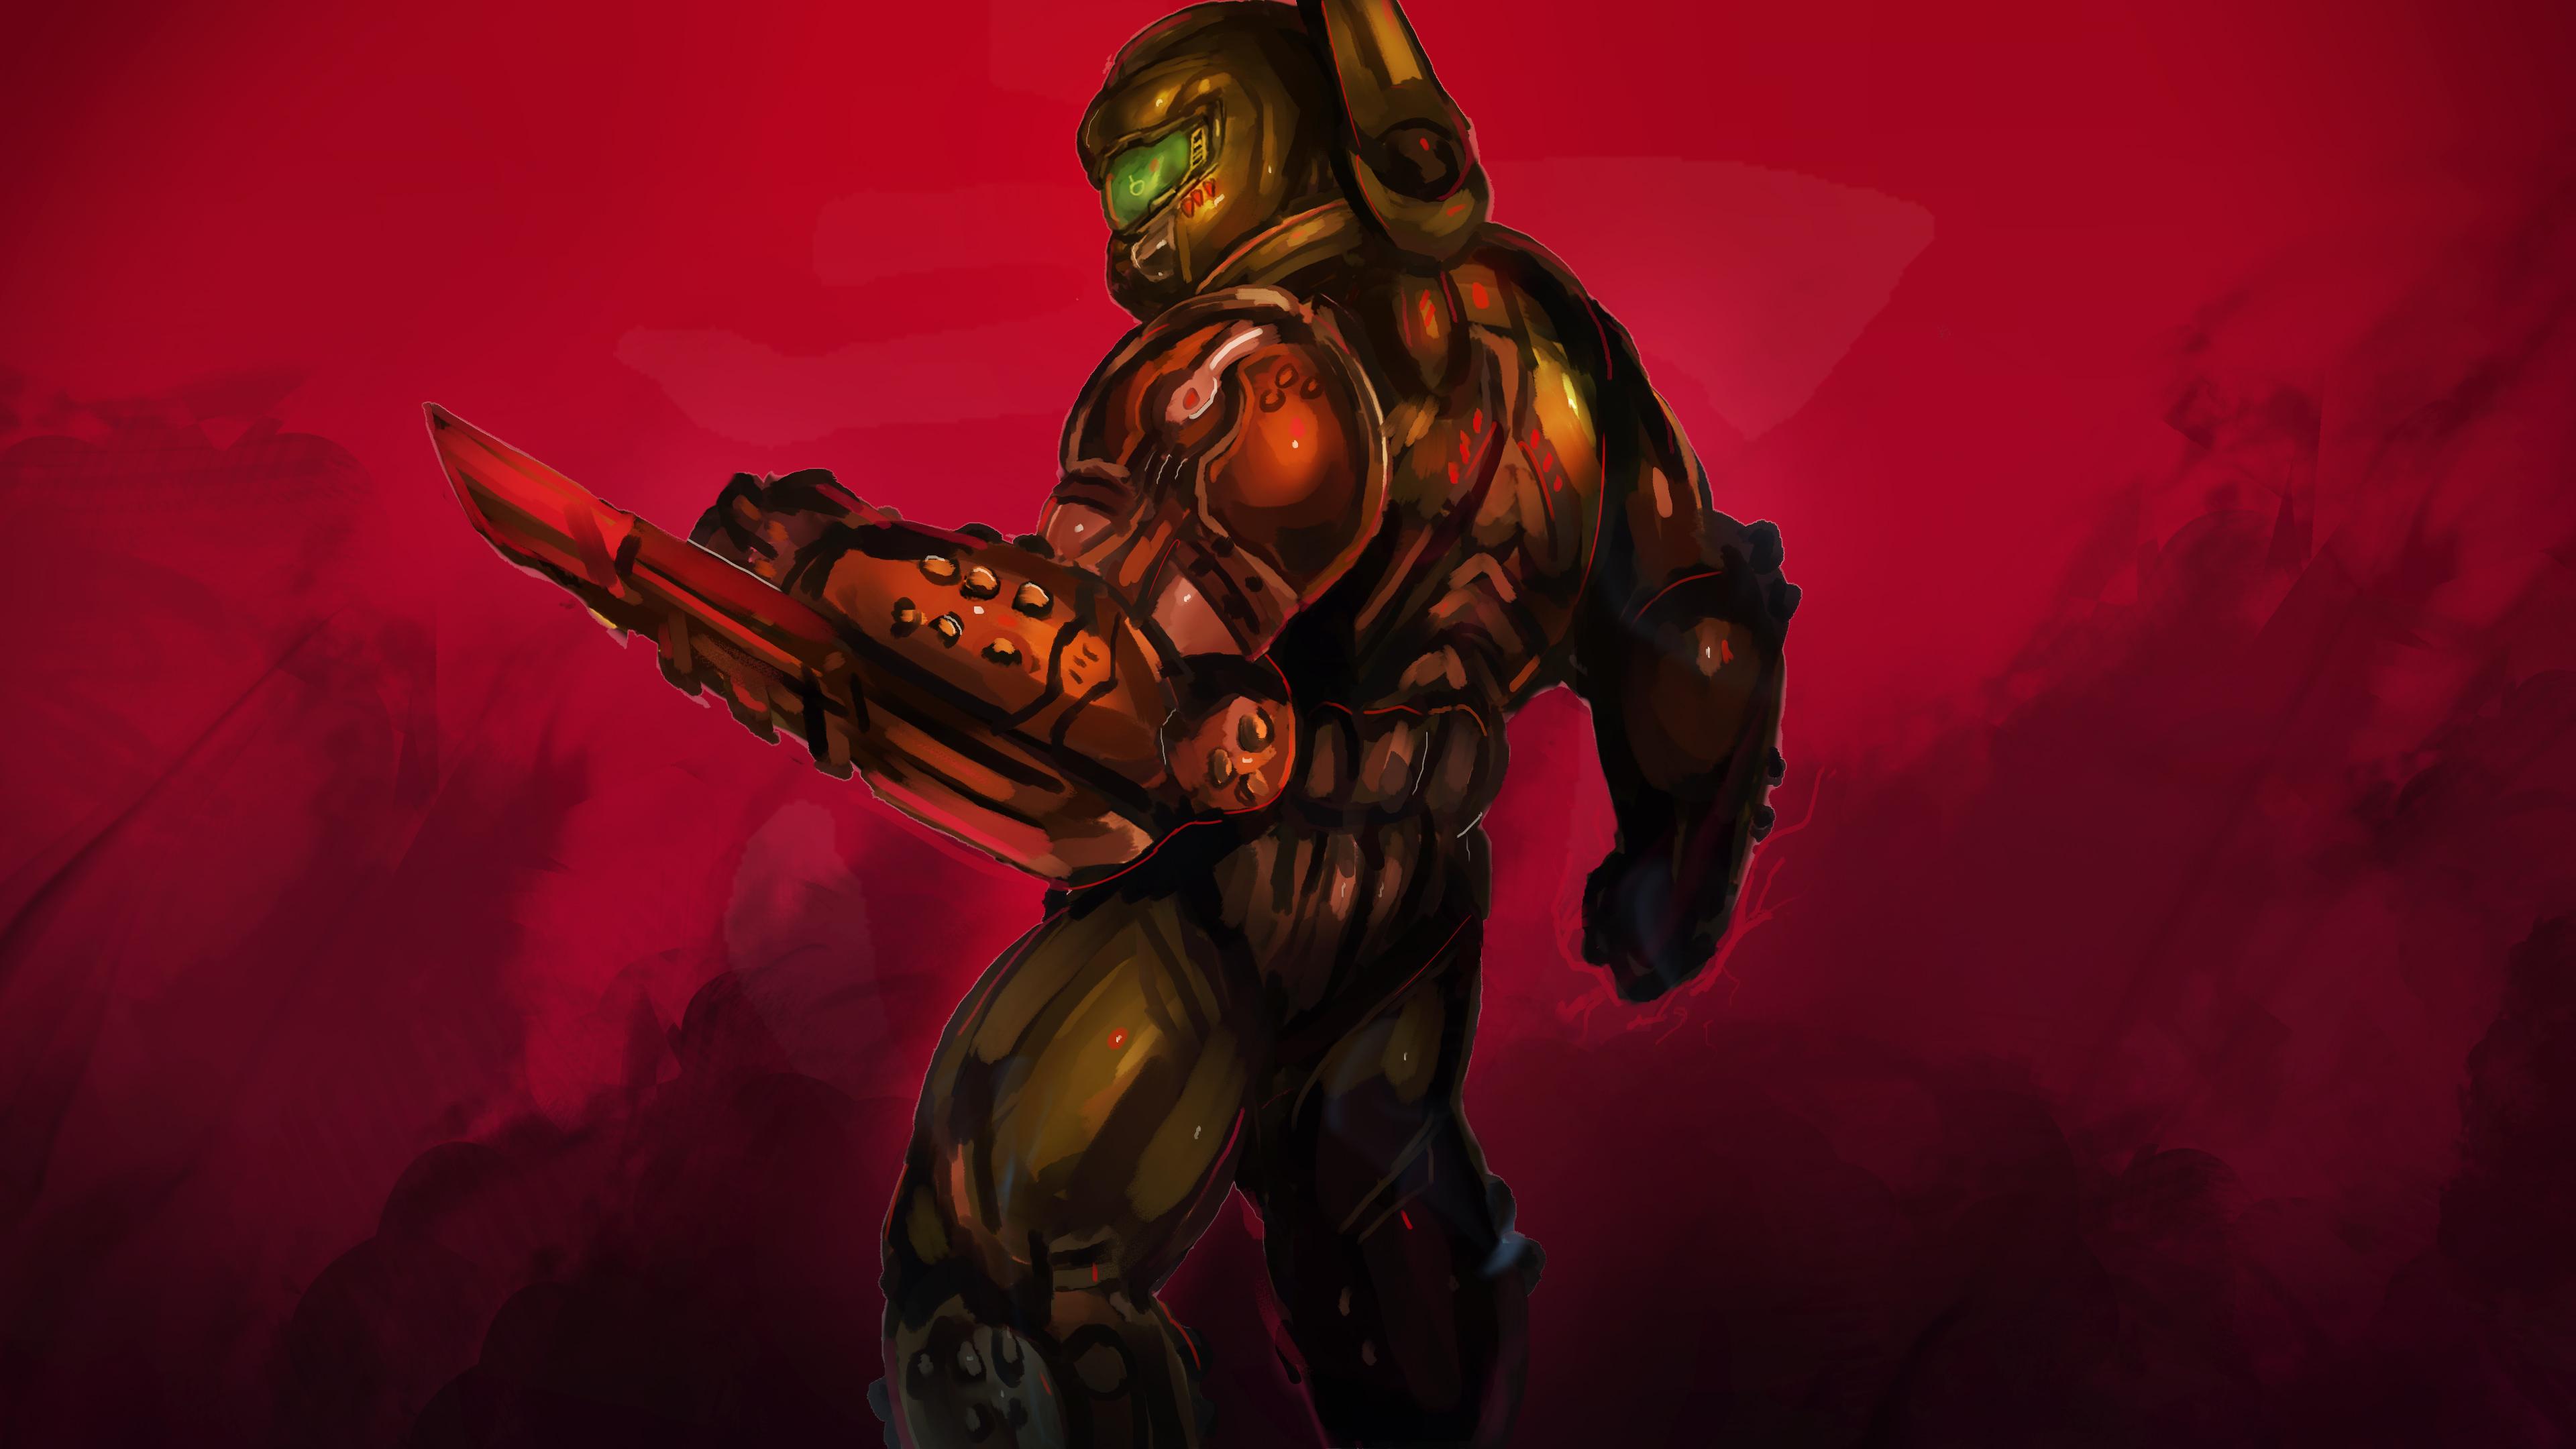 Doom Slayer 4k, HD Games, 4k Wallpapers, Images ...